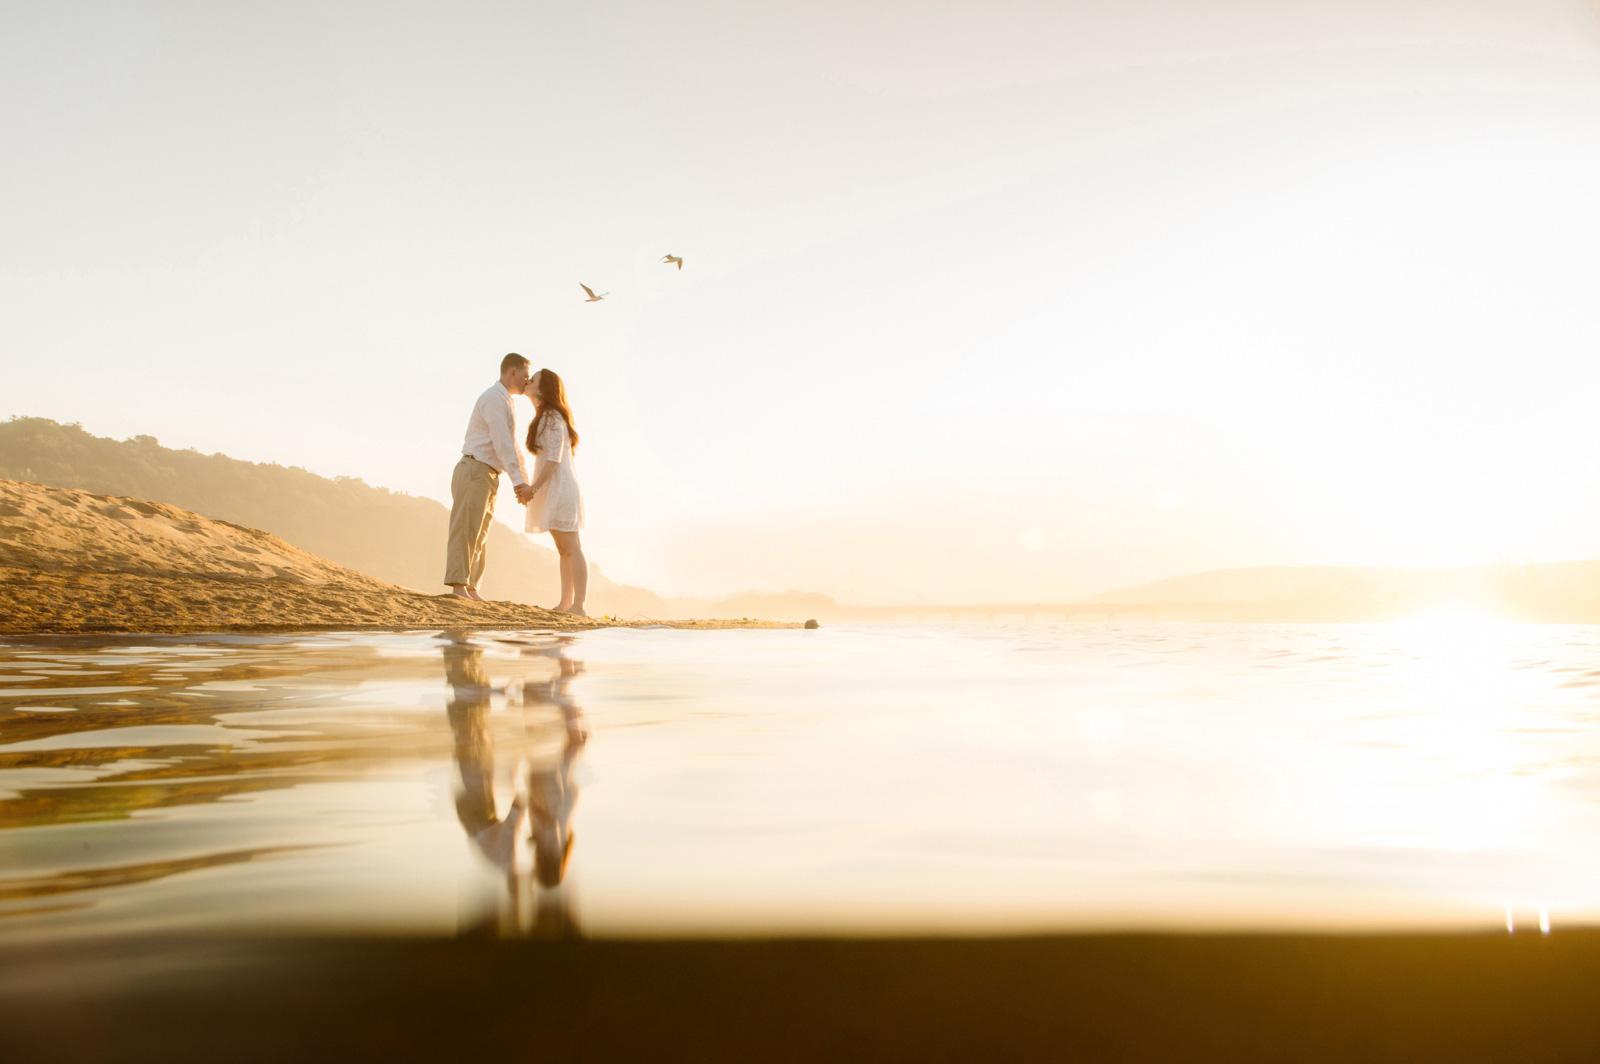 couple kiss on a beach